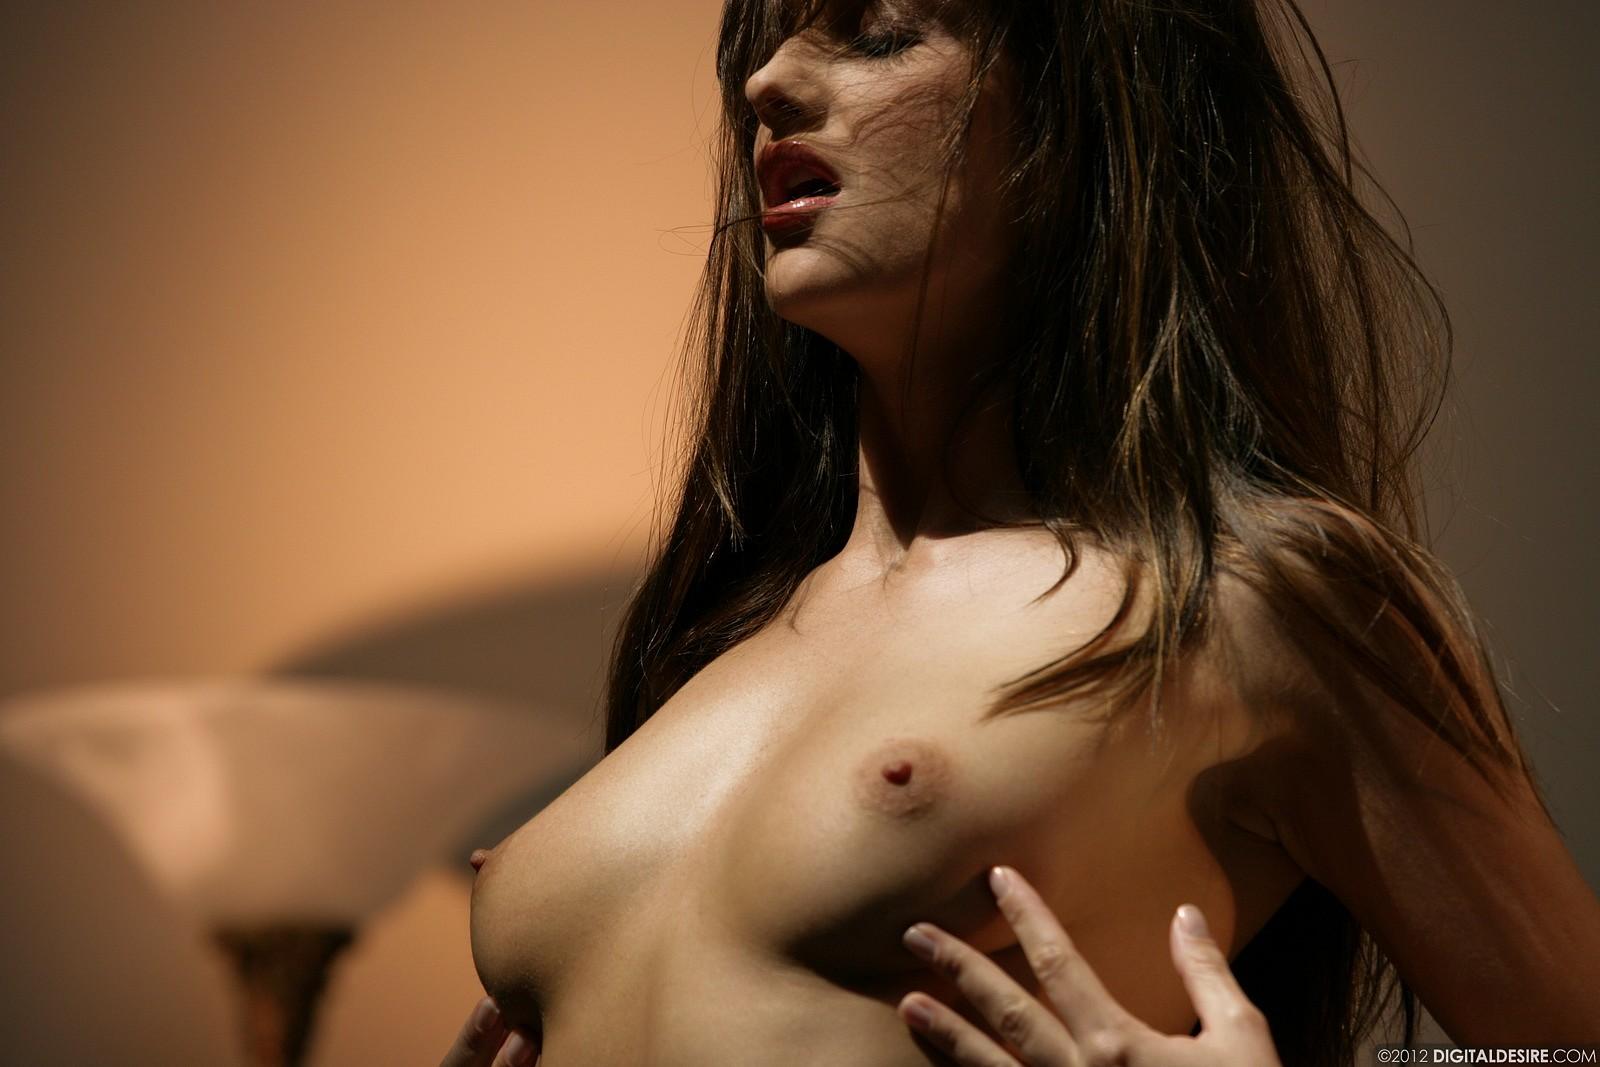 Zdjęcie porno - 1015 - Laska w różowej sukience